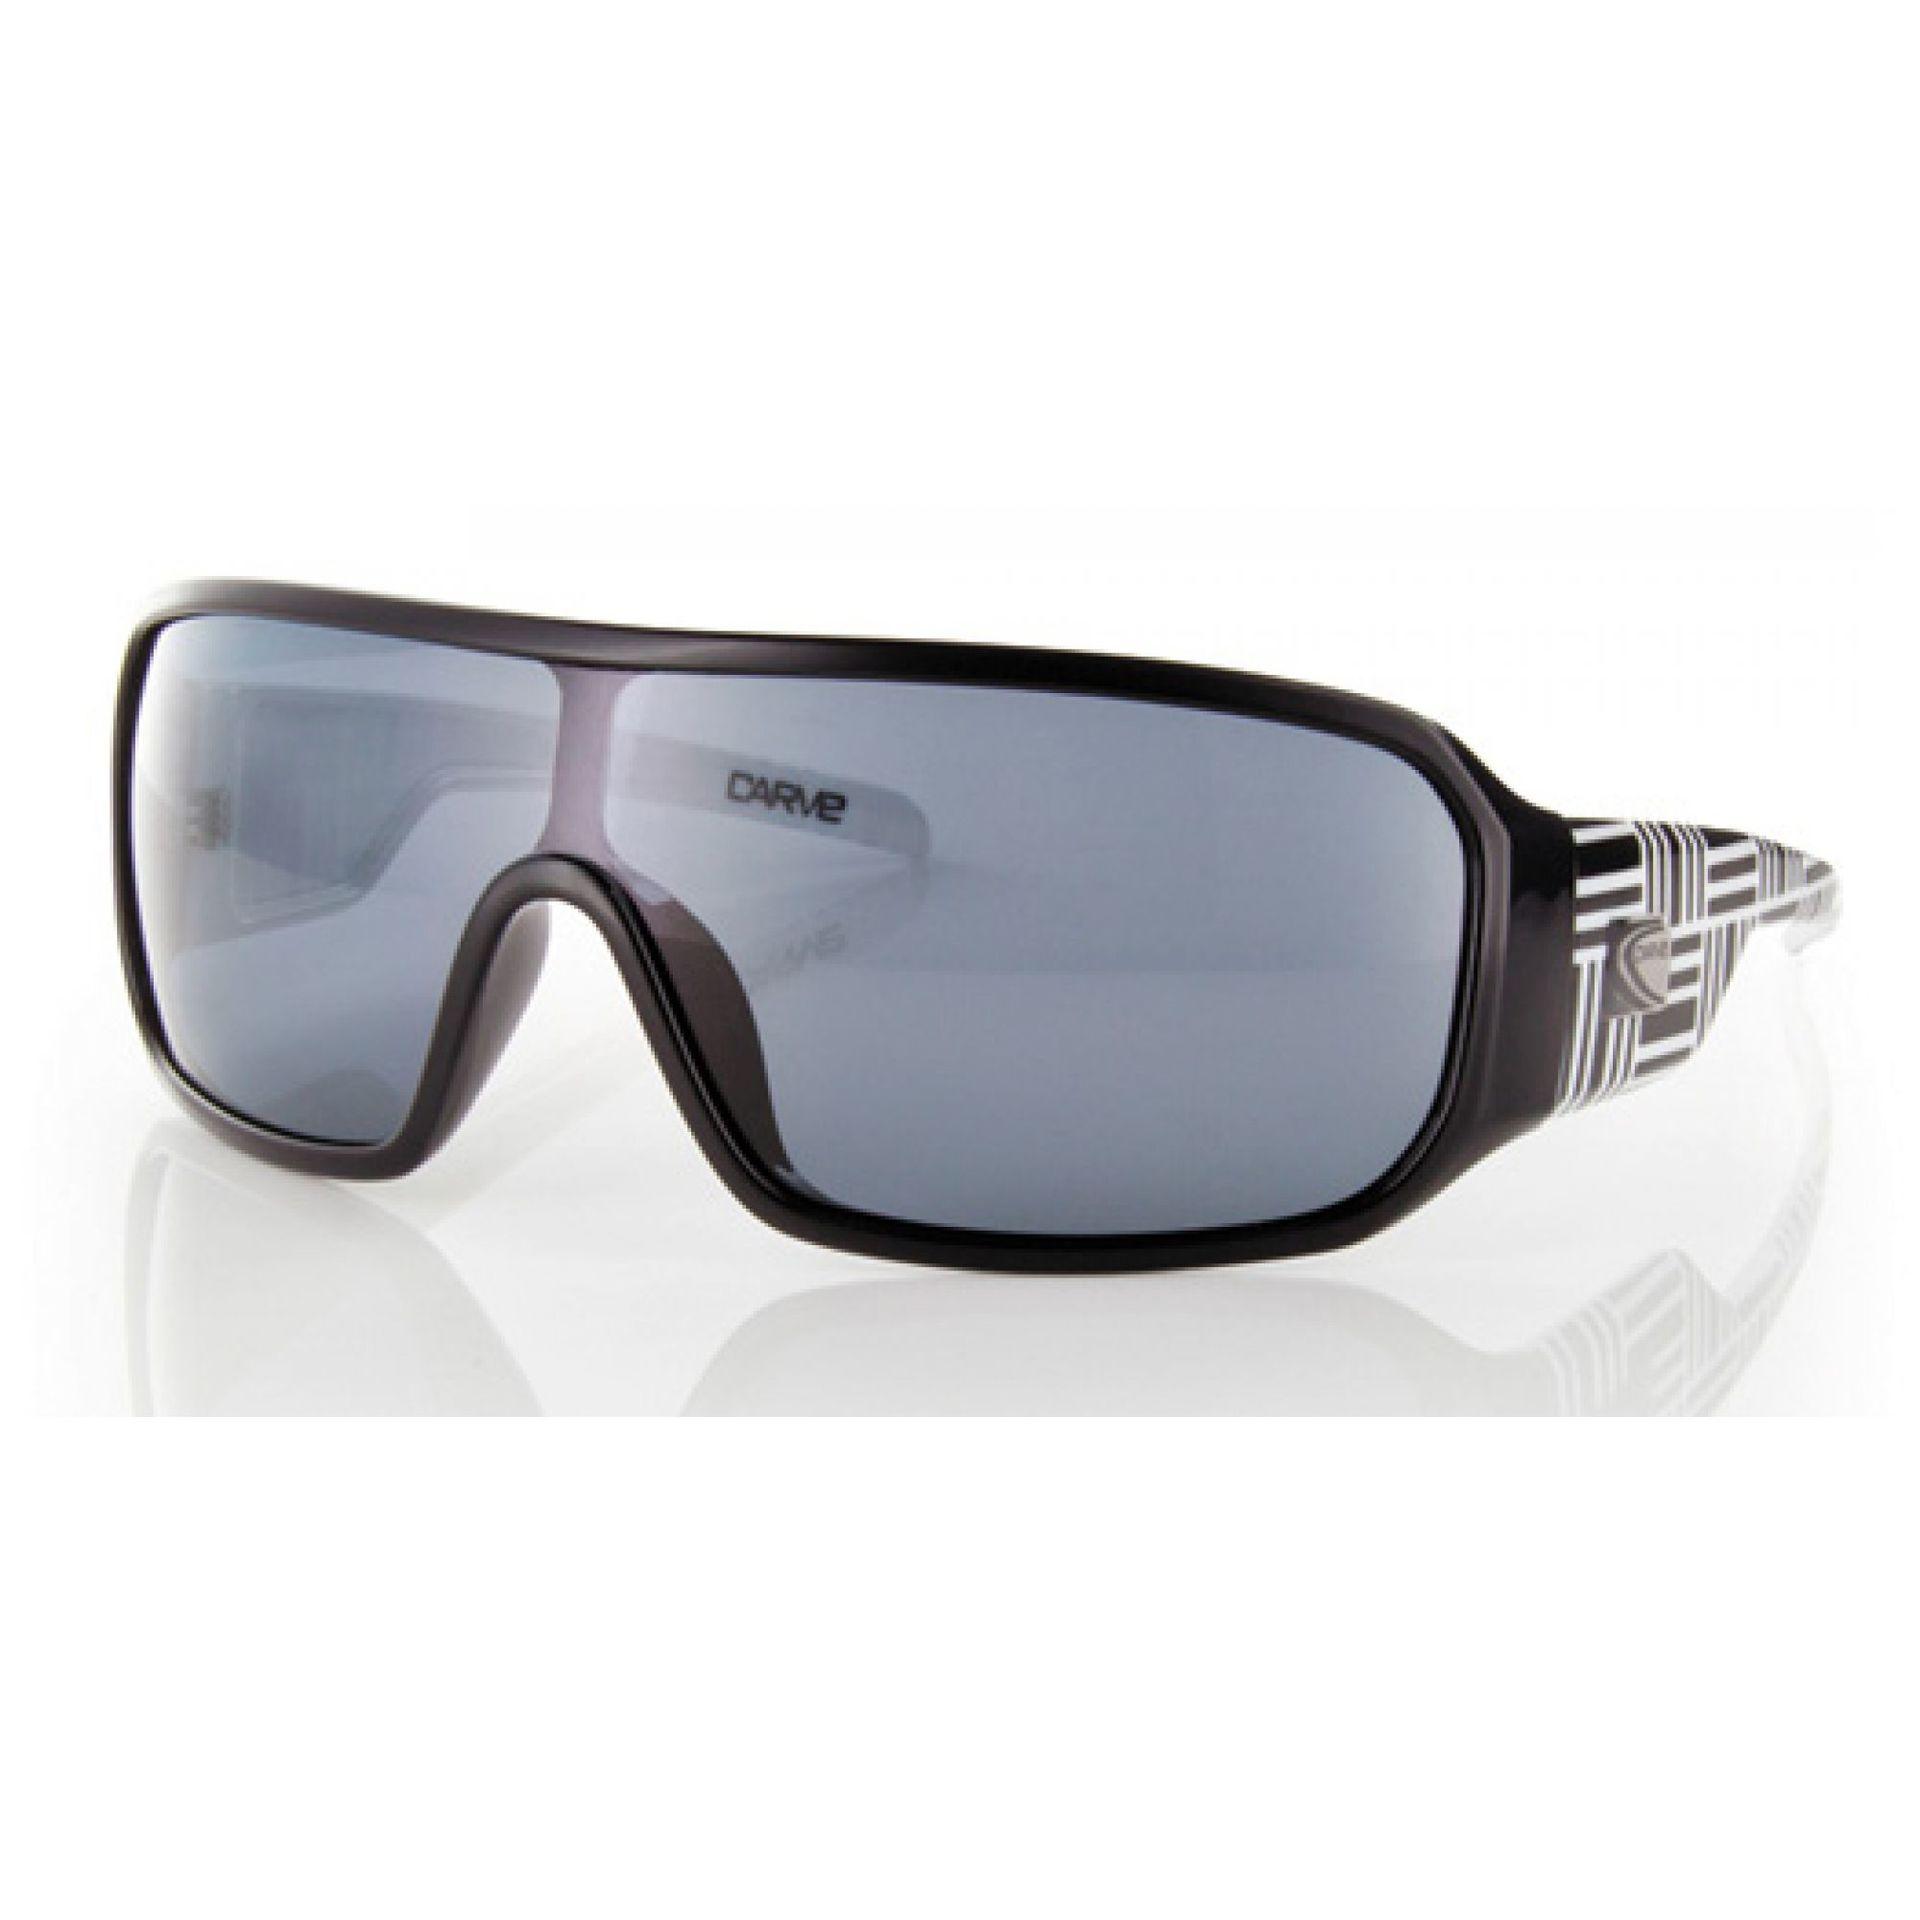 Okulary Carve Chronic czarno białe